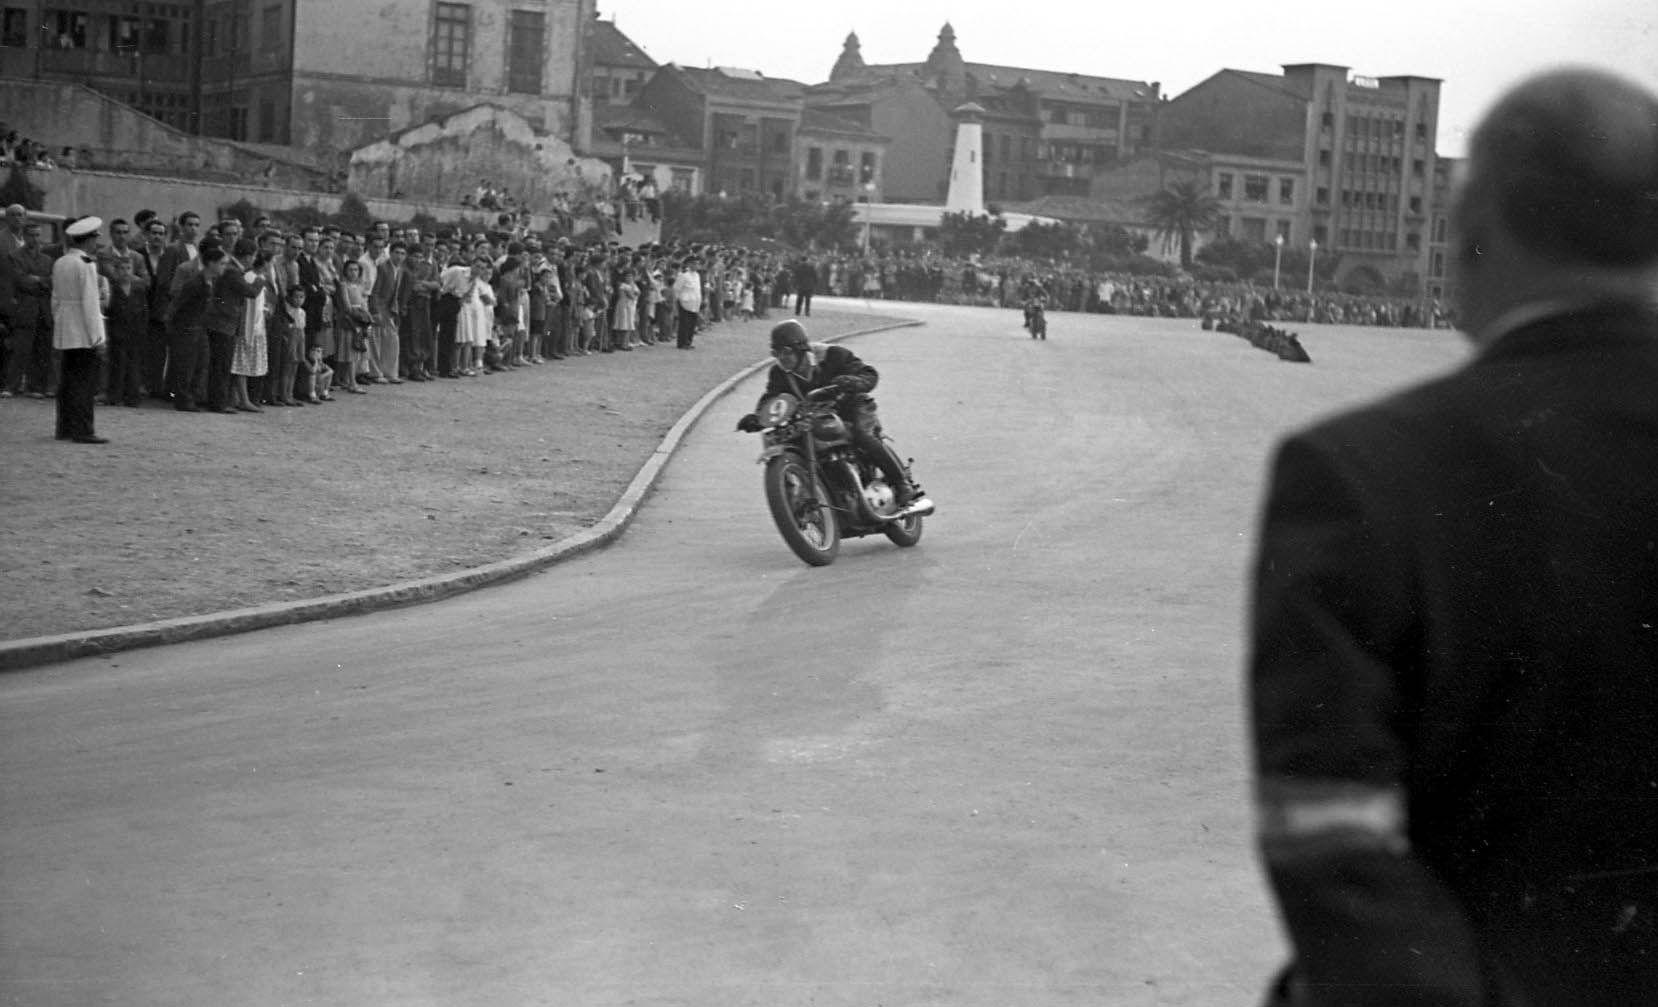 Justo del Castillo. Carrera de motos en el Paseo de la Playa de Gij�n-Xix�n, h. 1958.jpg